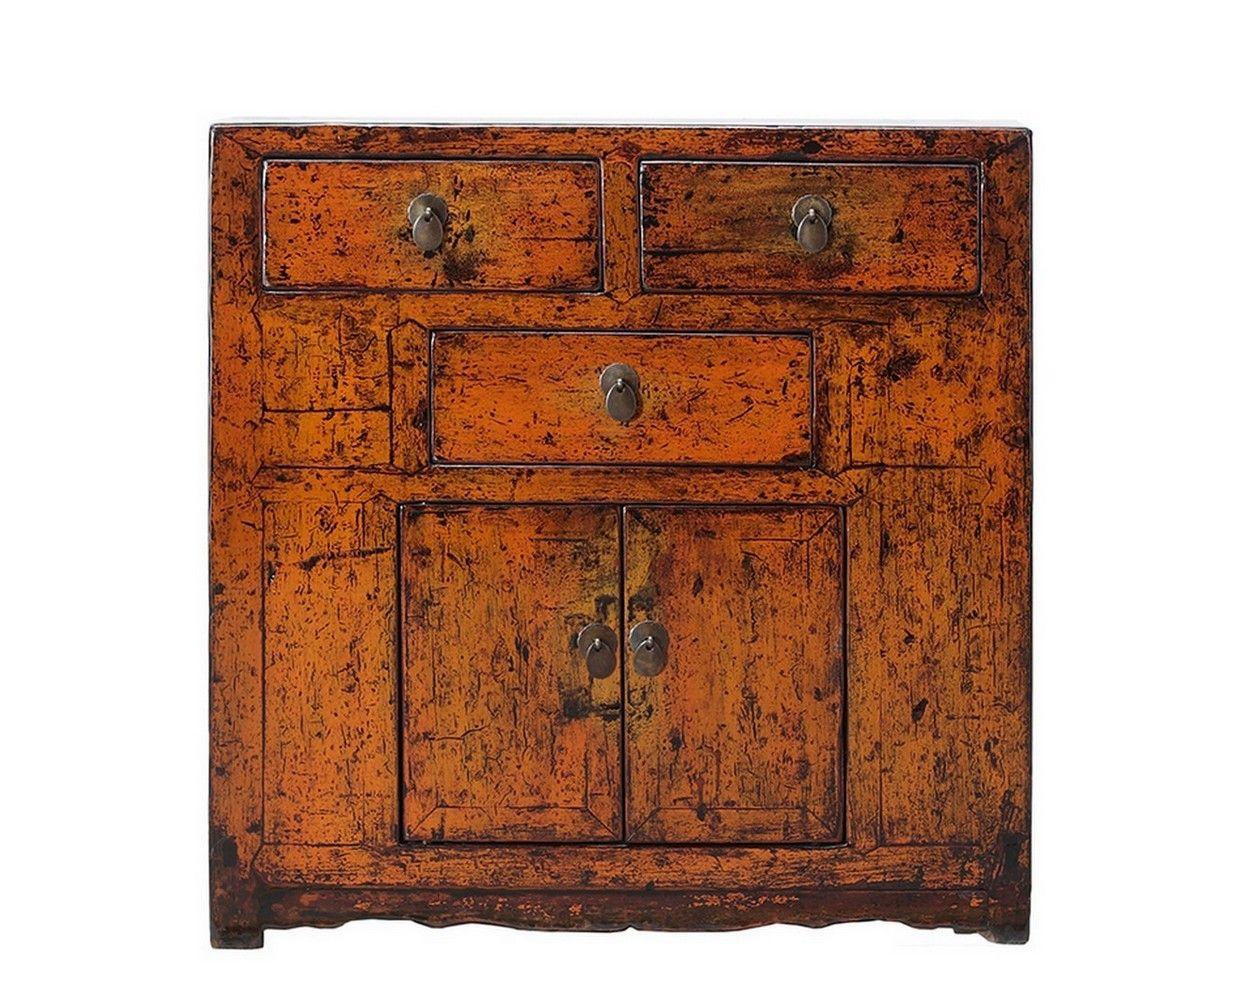 Kommode orange-braun - China Möbel - Vintage & Retro Möbel ...